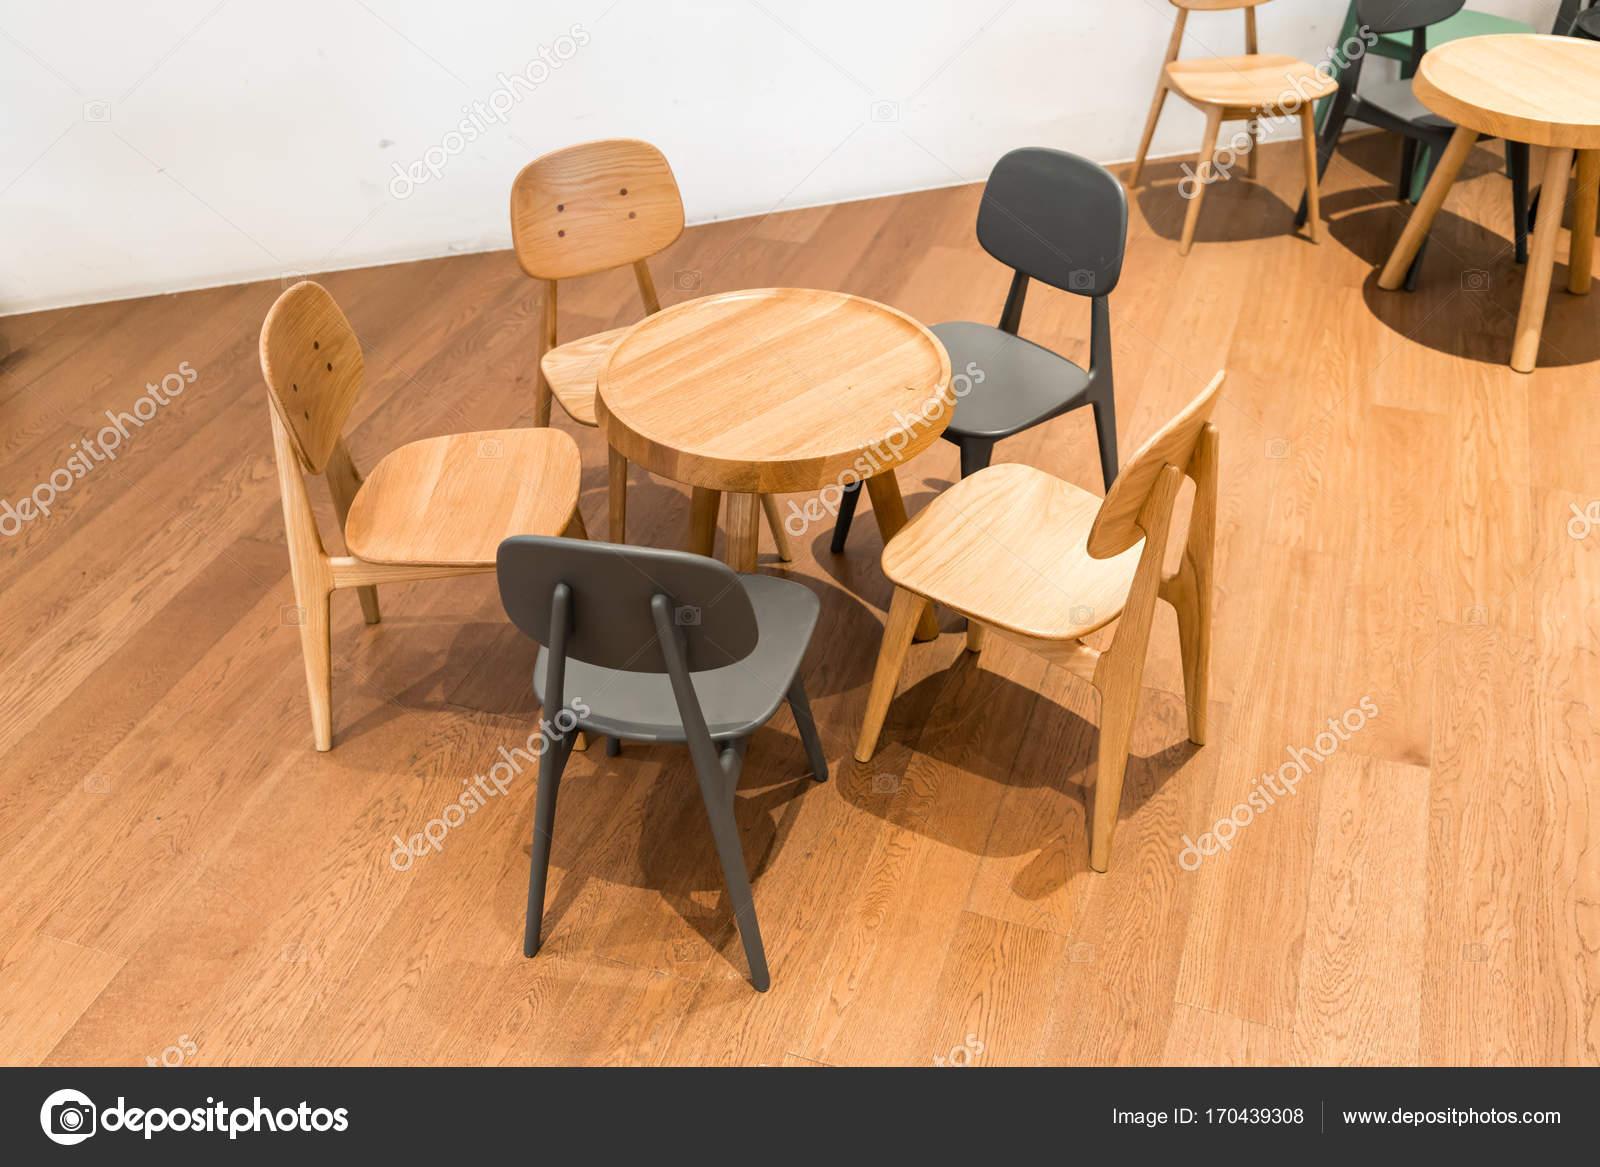 современный деревянный стол и стул на деревянном полу в углу